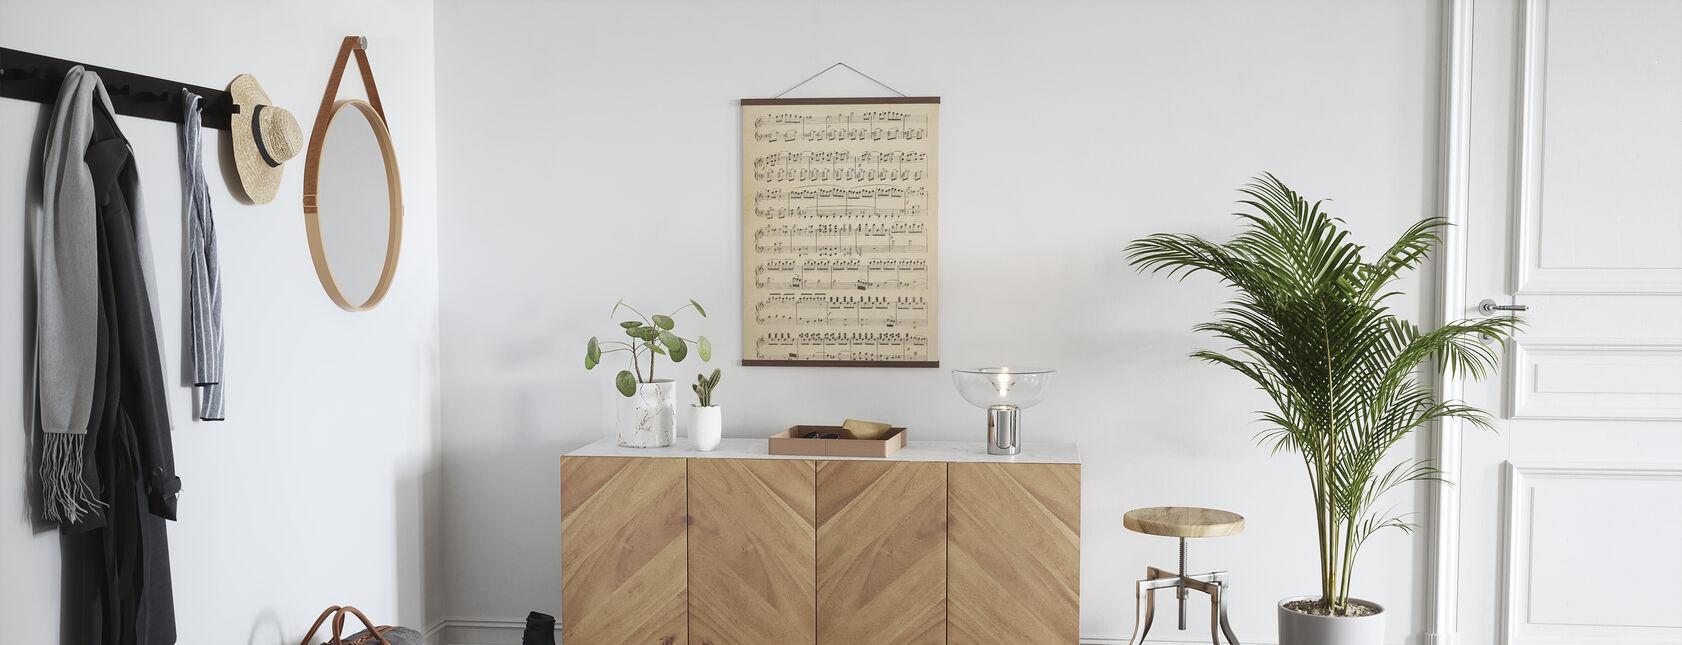 Musikaaliset nuotit osa 1 - Juliste - Aula